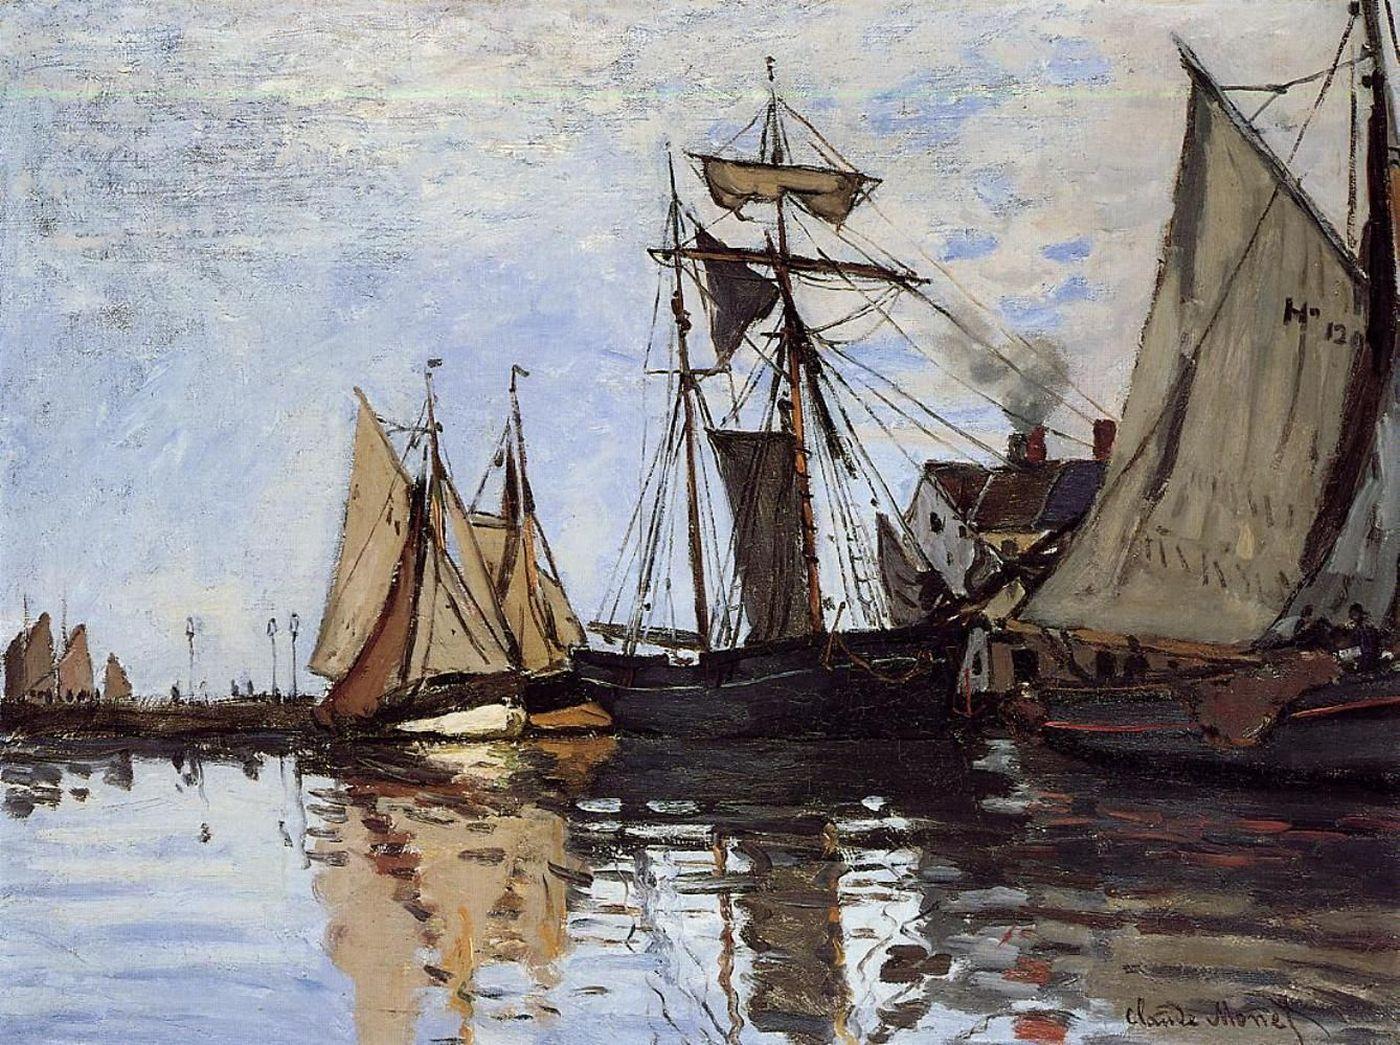 пейзажи - парусники и лодки < Лодки в Порту Онфлёр >:: Клод Моне, описание картины - Моне Клод (Claude Monet) фото